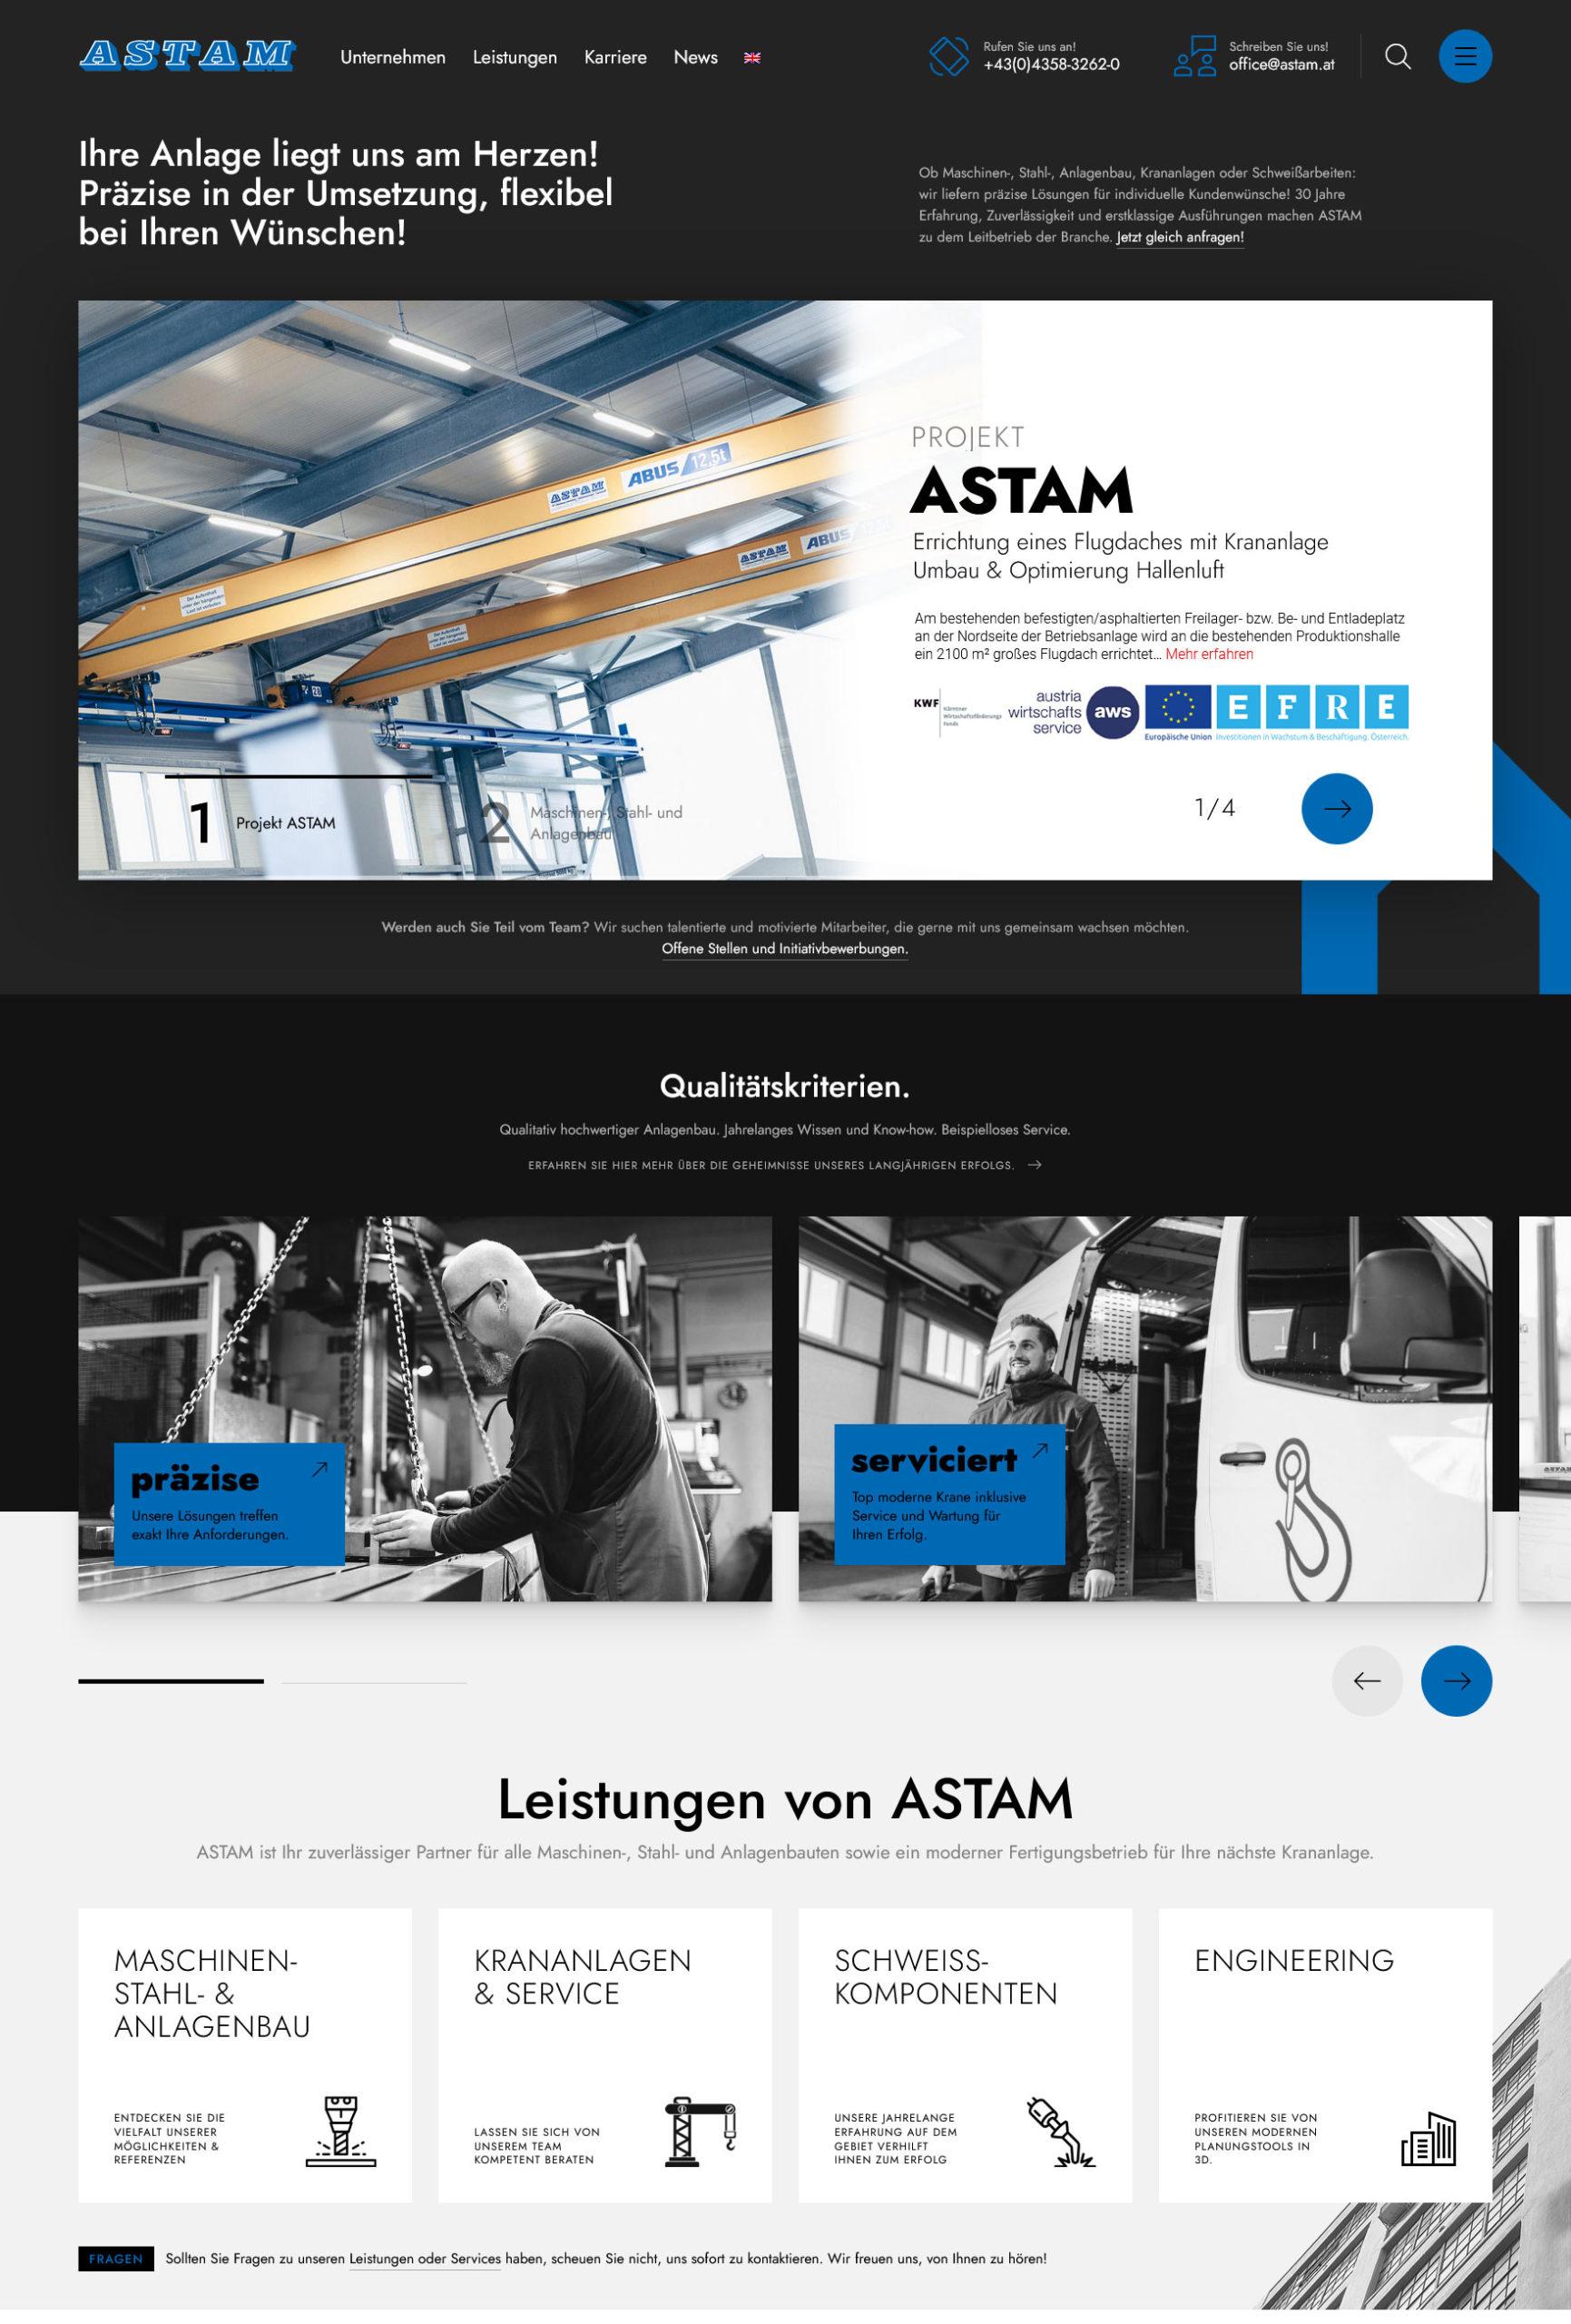 ASTAM Kran-, Stahl- und Maschinenbau